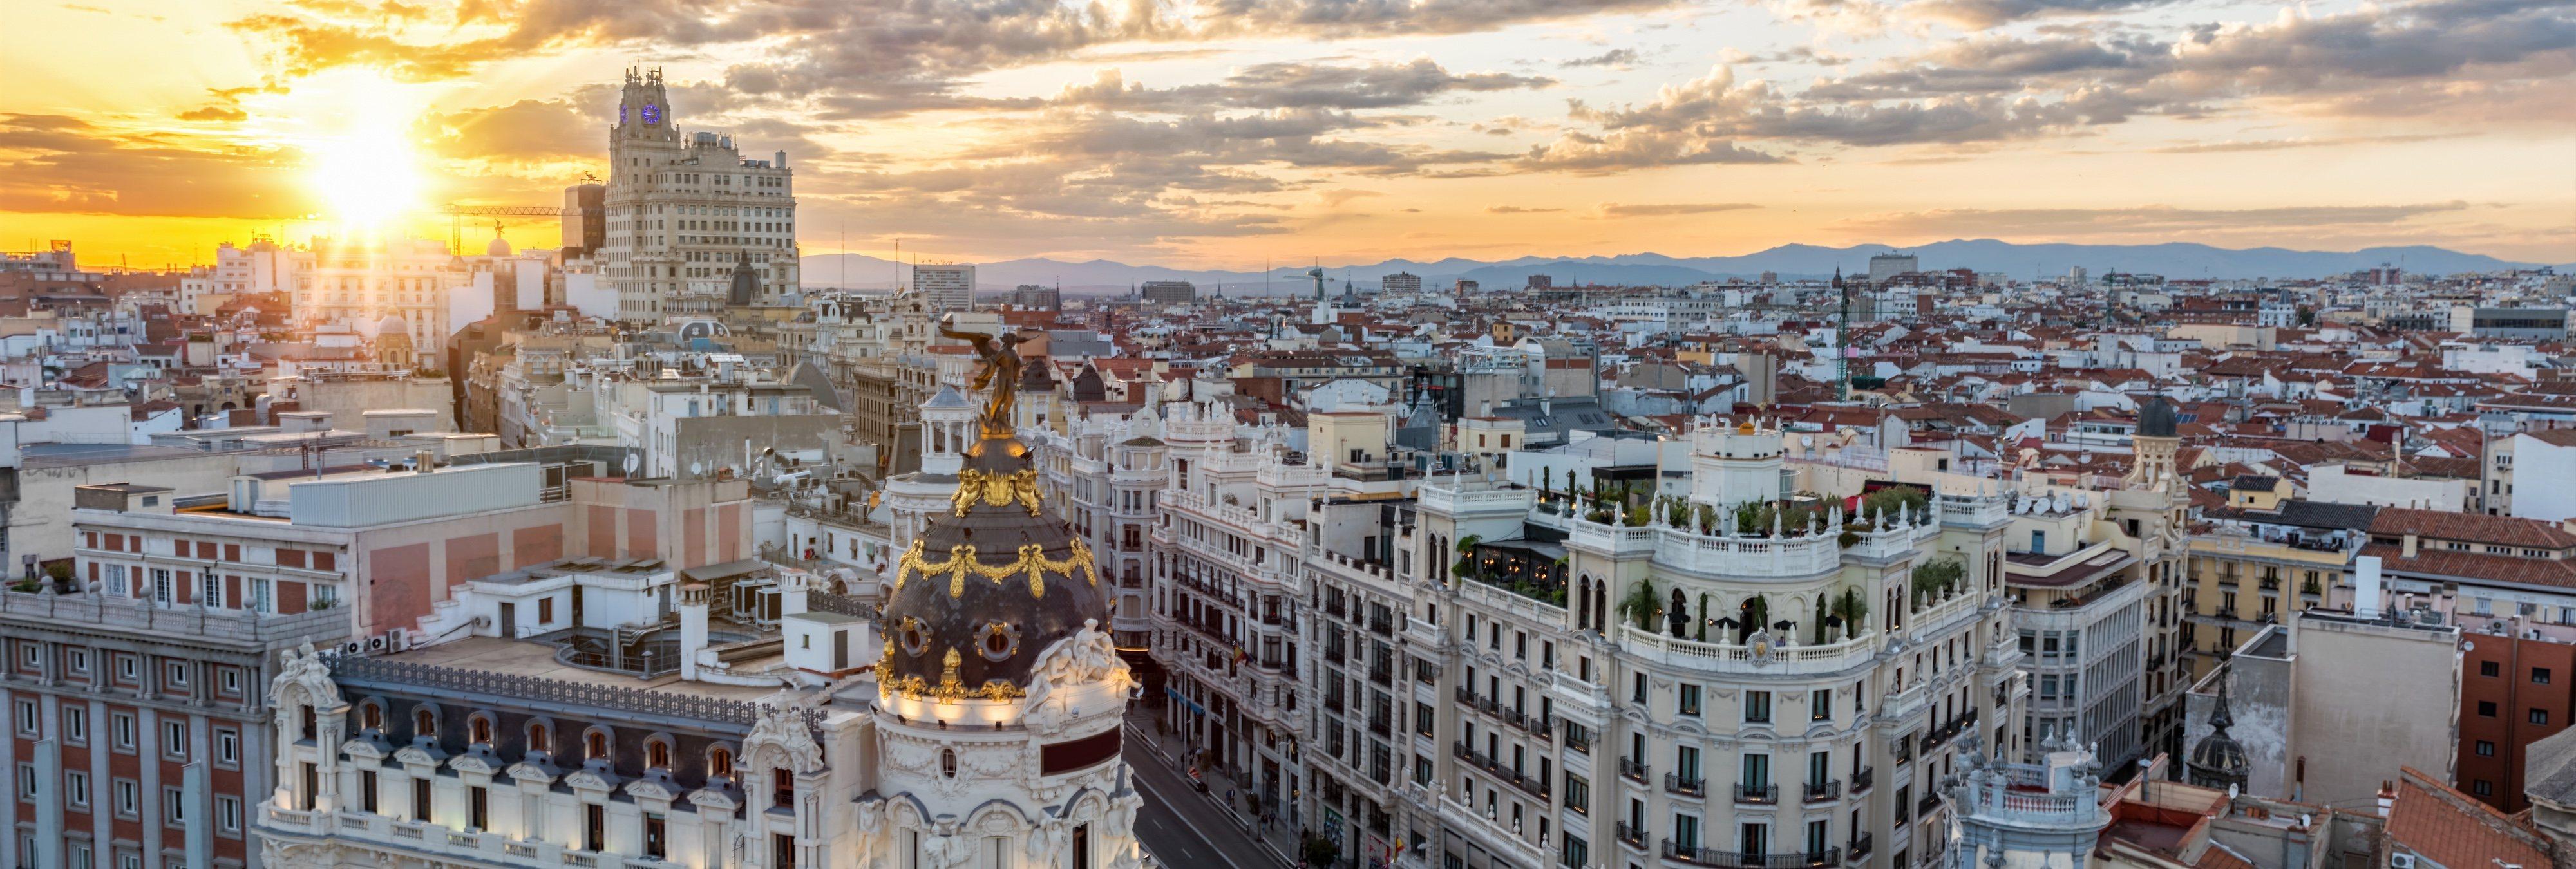 Madrid tendrá el clima de Marrakech en 2050 y Londres, el de Barcelona